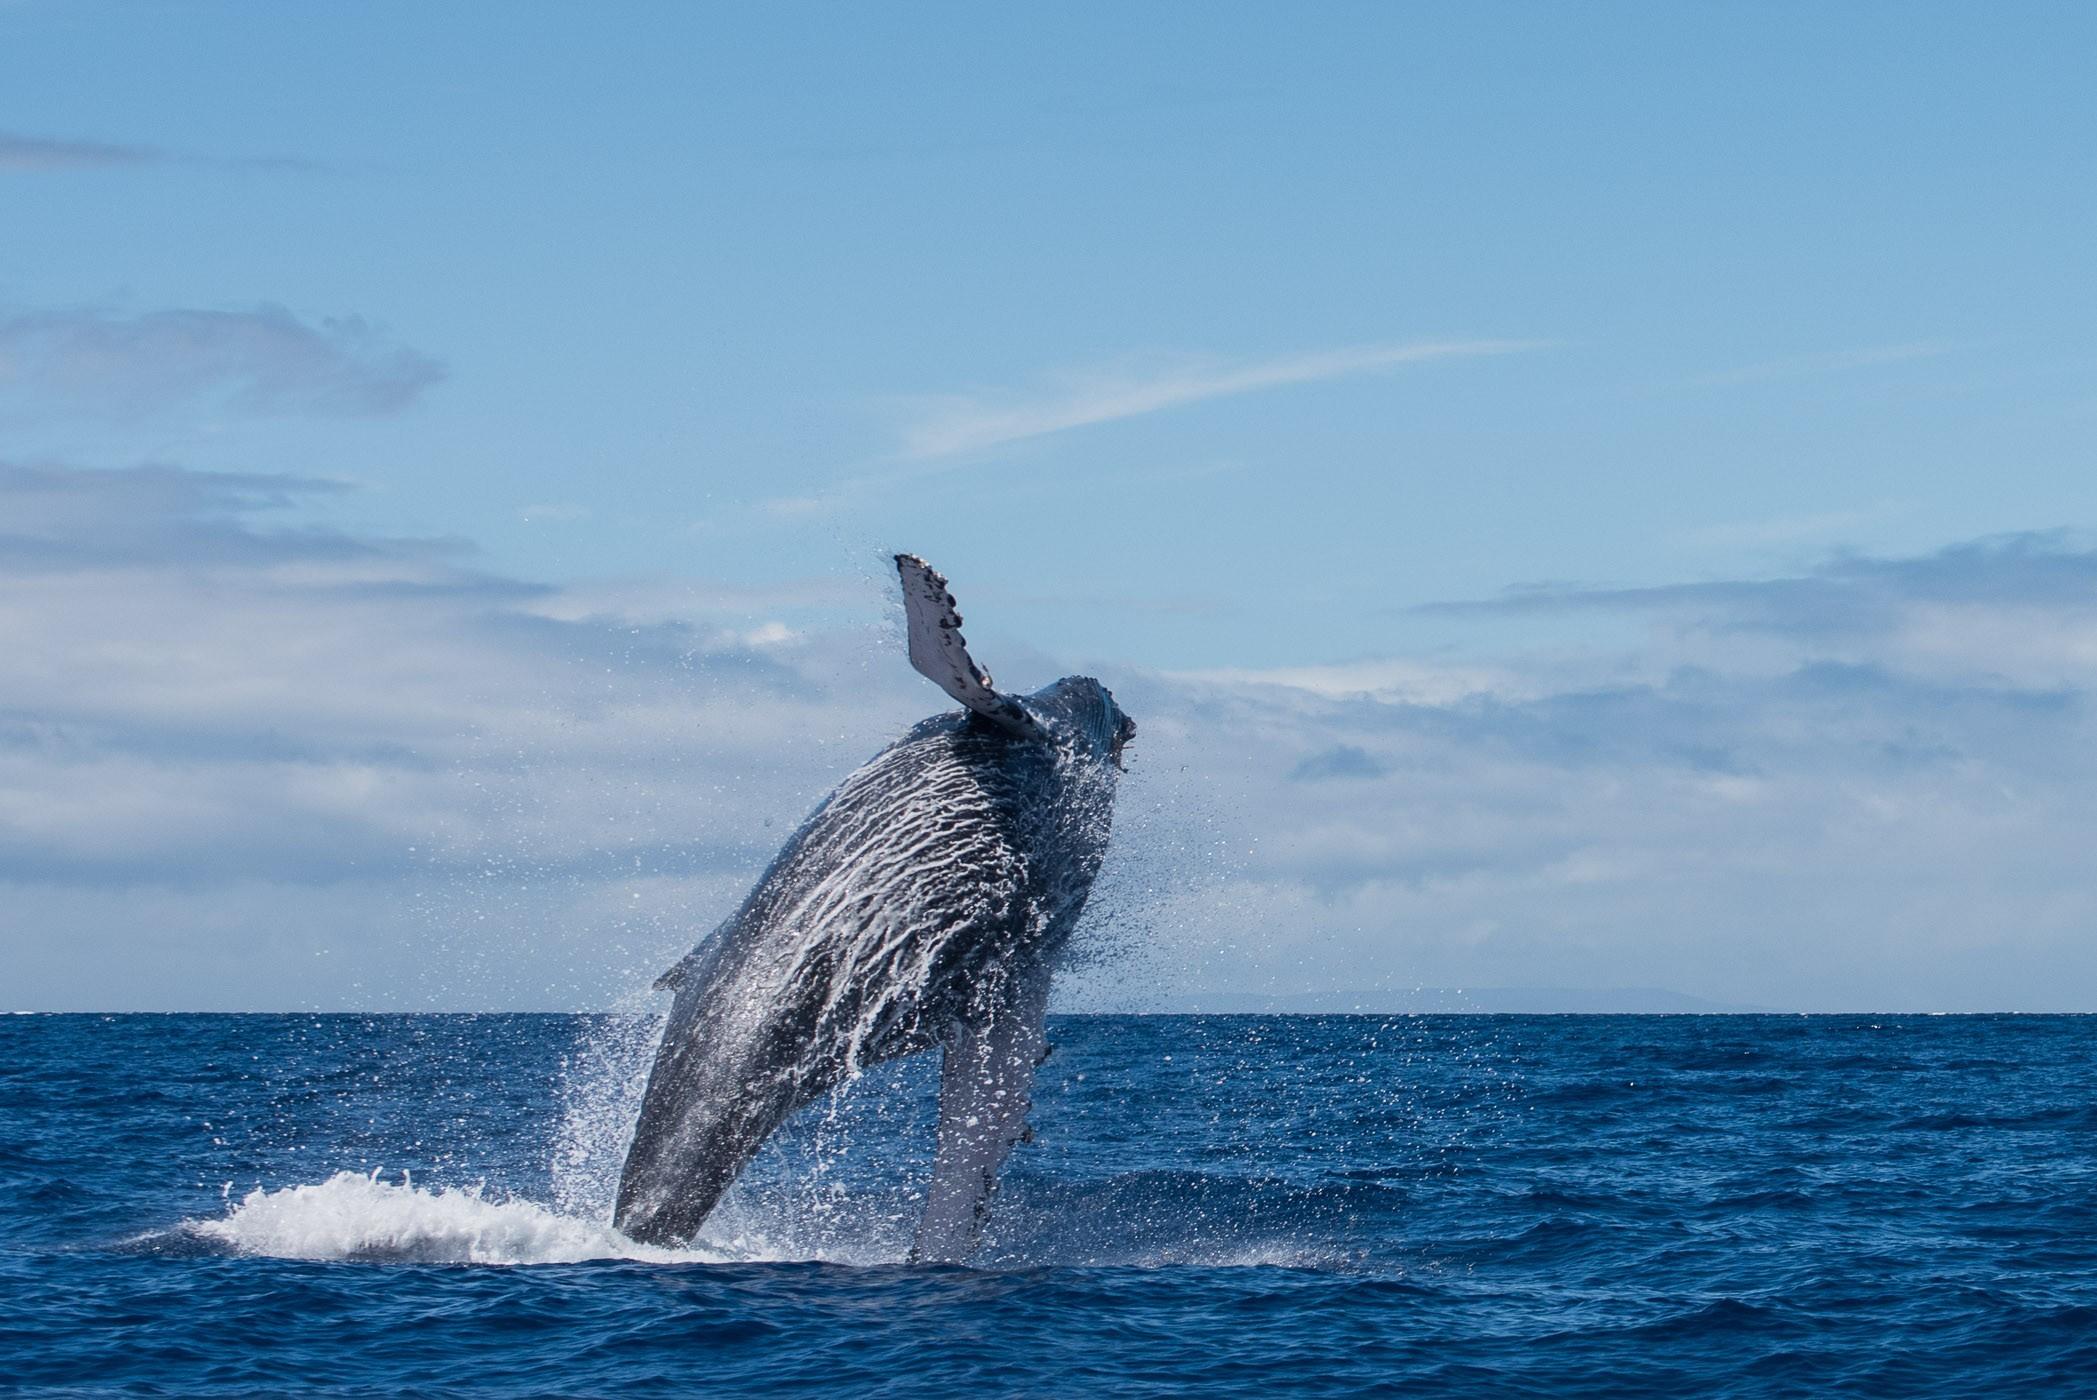 Wist je dat je een walvis kunt ruiken na een breach? Door de enorme klap op het water verliest het dier de parasieten op z'n huid. Je ziet dan stukje in het water drijven en die ruik je. :)